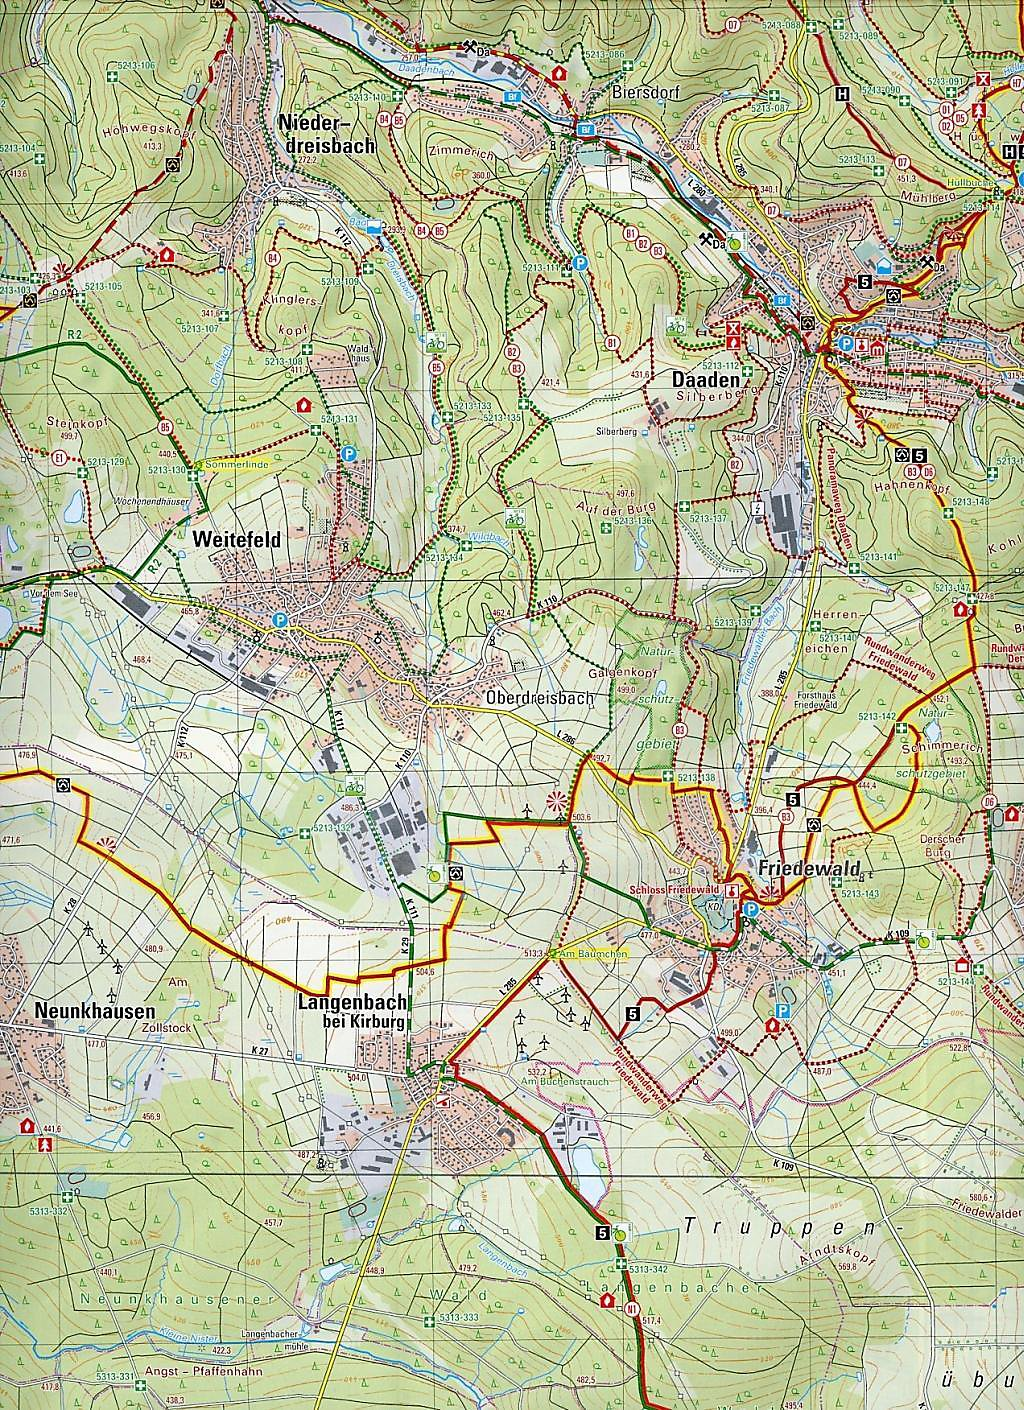 Westerwald Karte.Topographische Karte Rheinland Pfalz Nordlicher Westerwald Buch